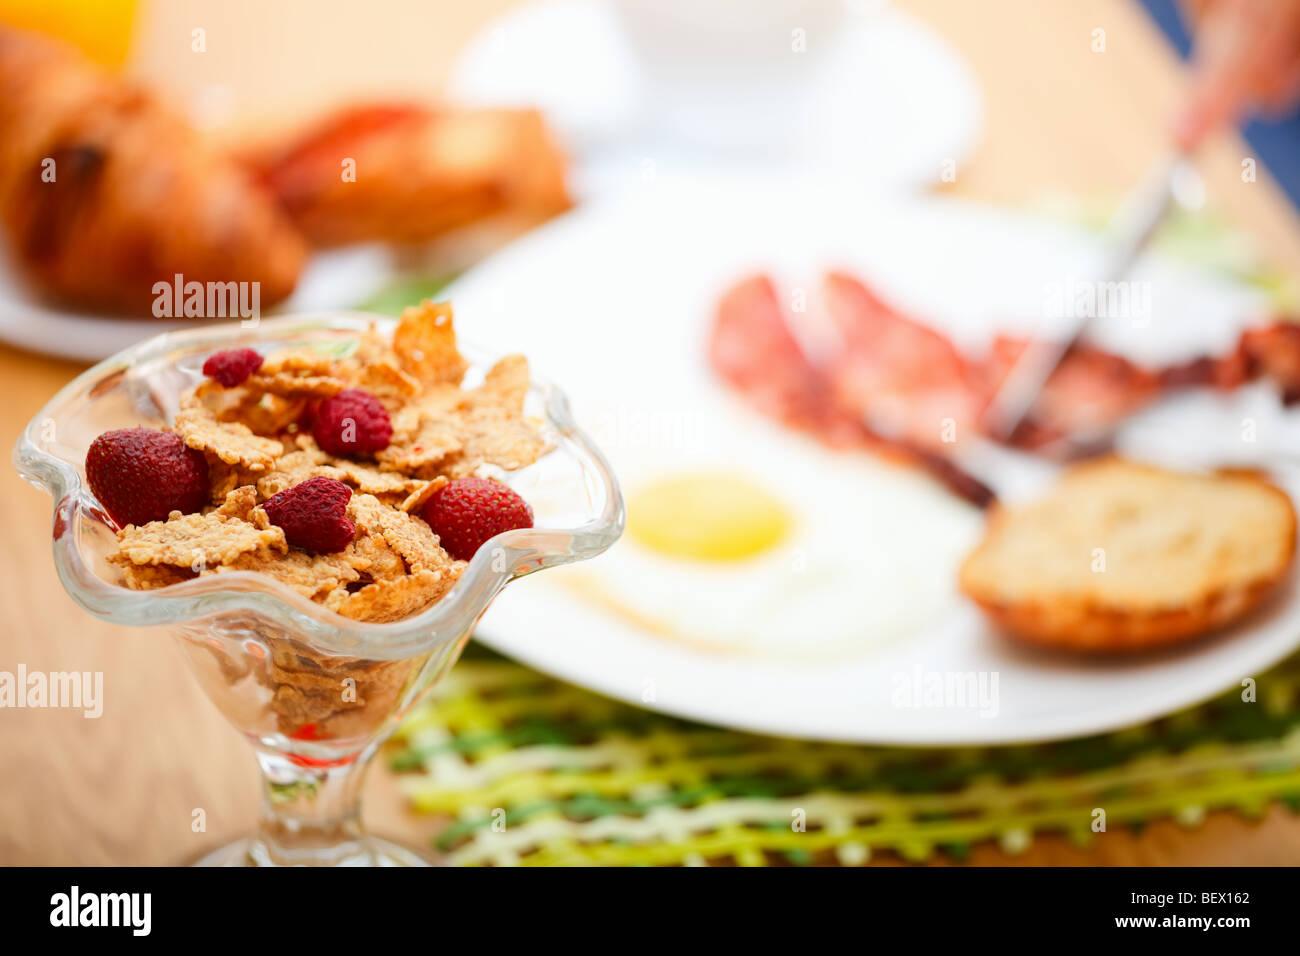 Délicieux petit-déjeuner servi. Flocons de maïs avec des baies, œuf frit, bacon, toasts, croissants, Photo Stock